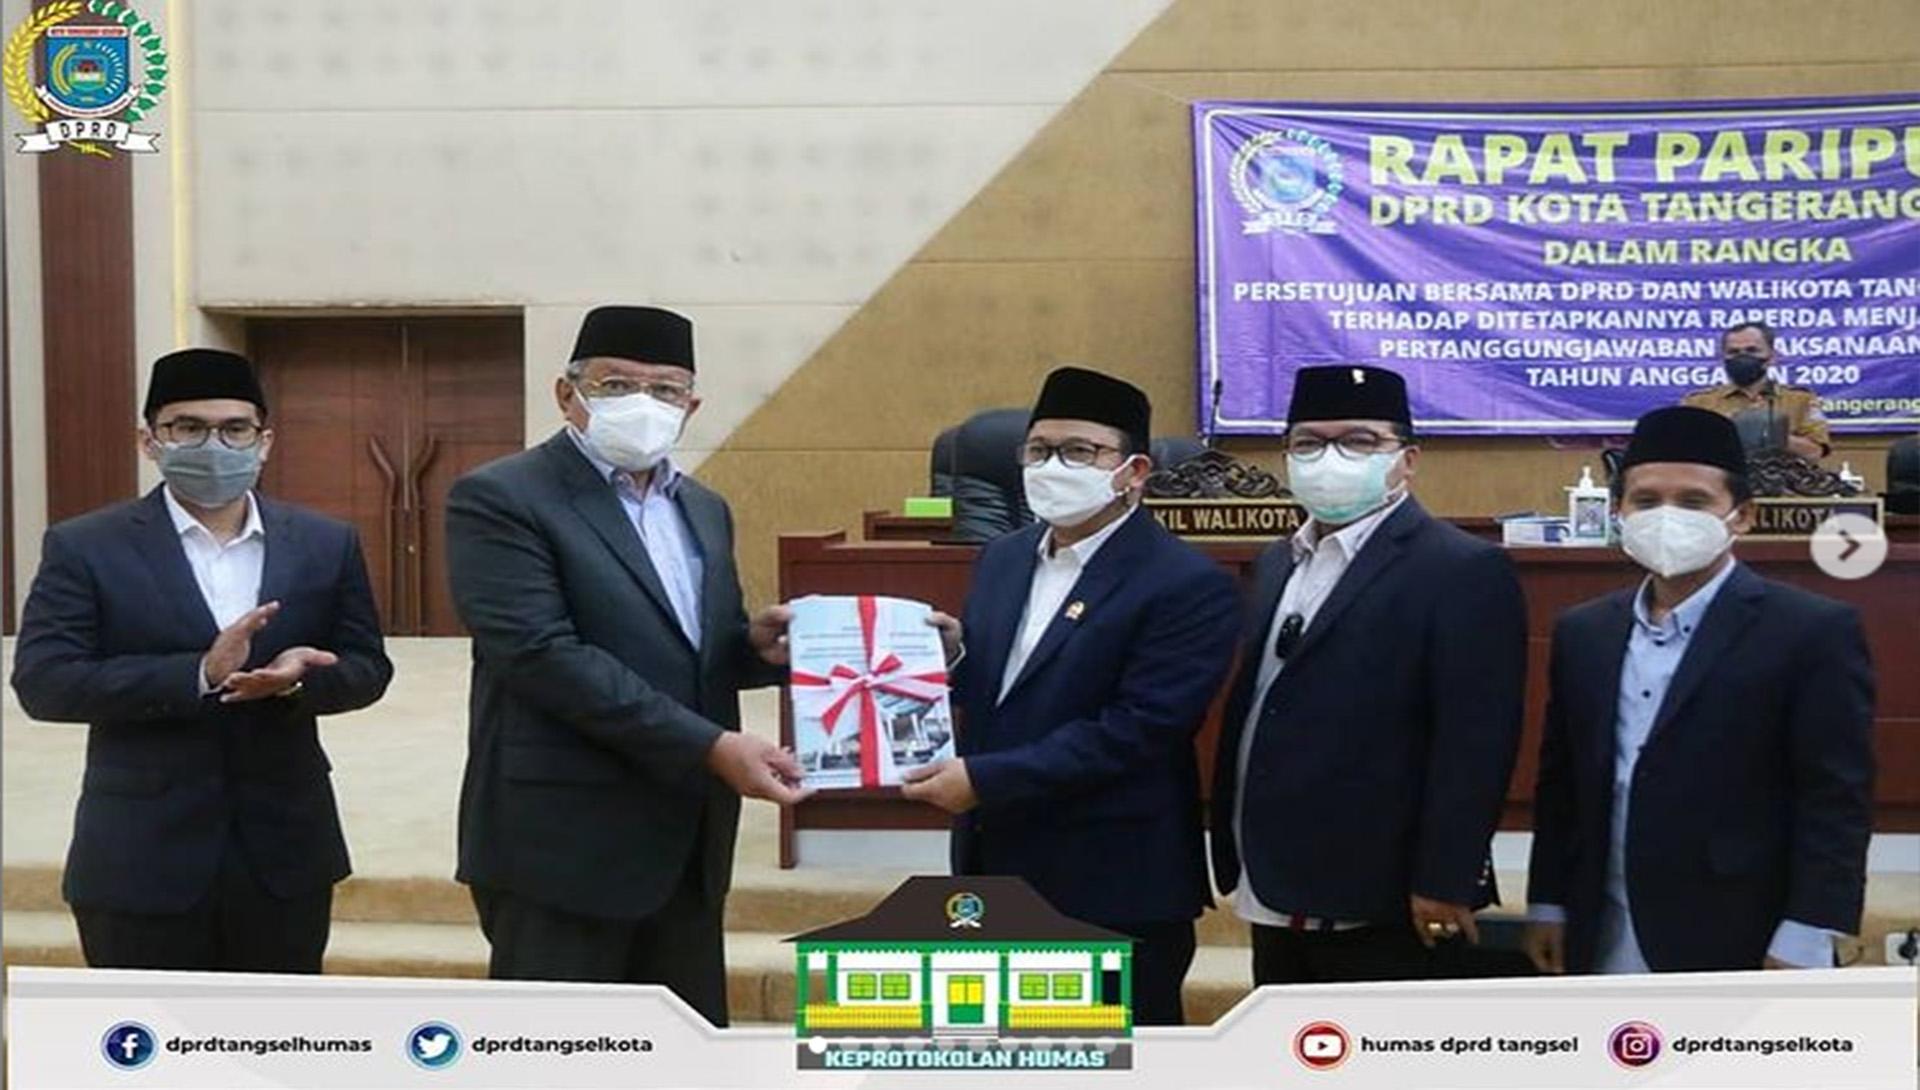 DPRD Kota Tangerang Selatan menggelar 3 (tiga ) Agenda Rapat Paripurna